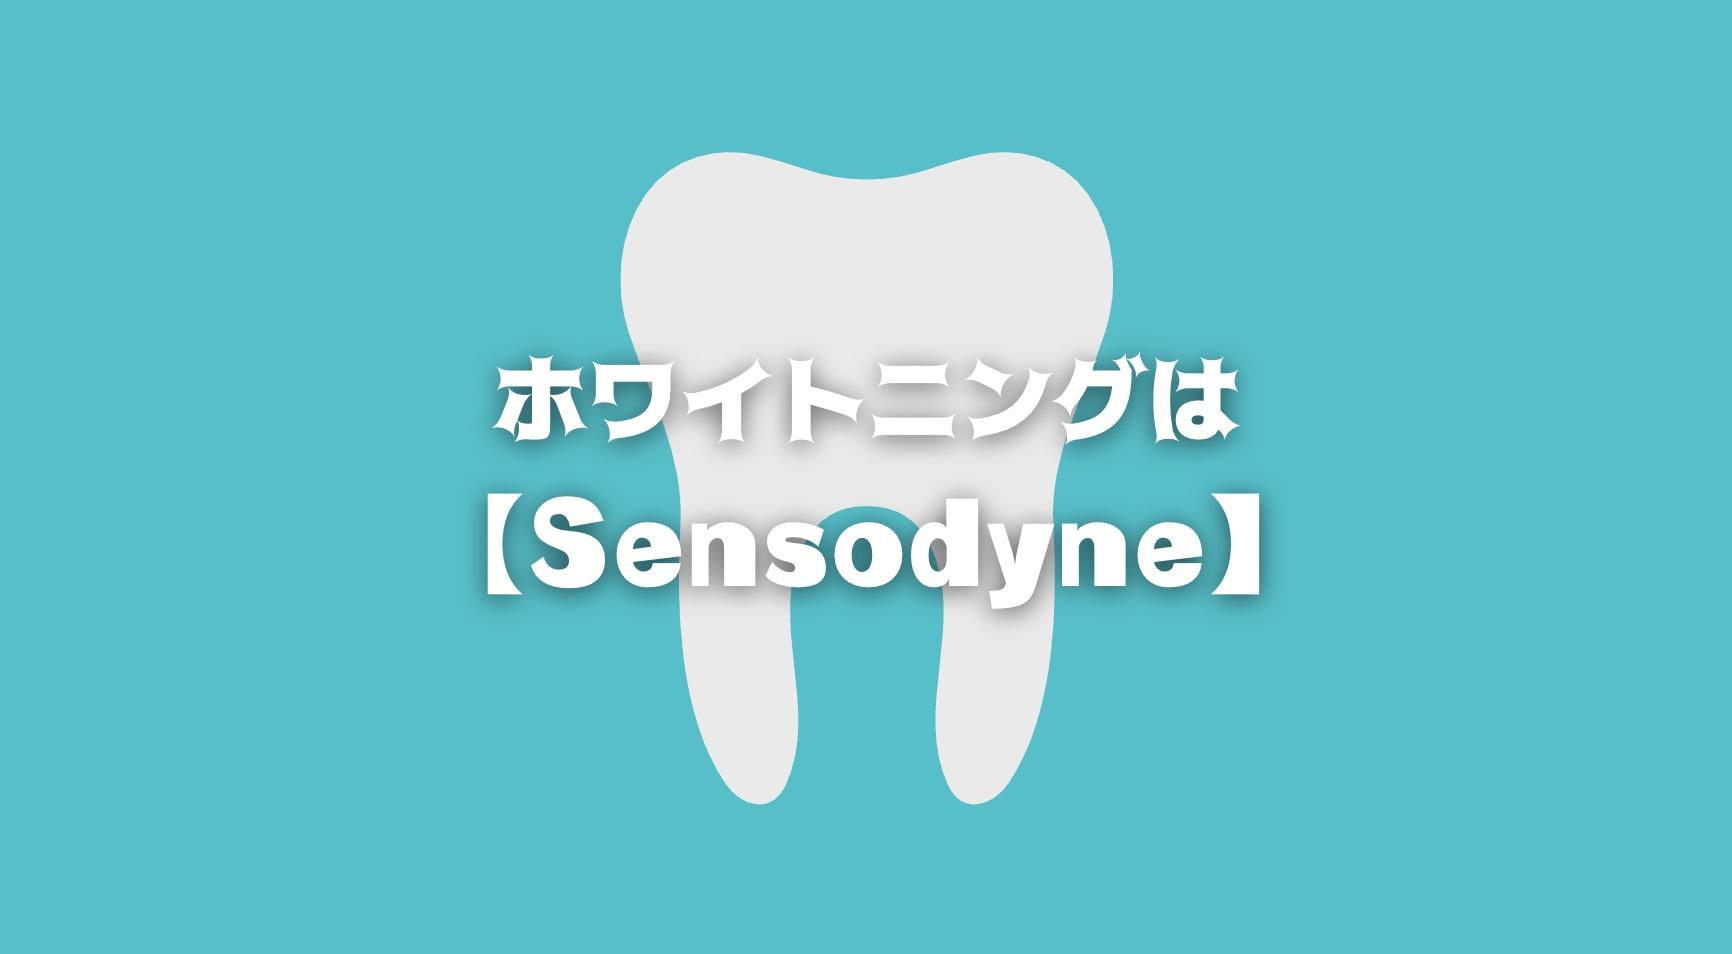 歯を白くし隊|【sensodyne 】のホワイトニング効果が半端ない?!のアイキャッチ画像